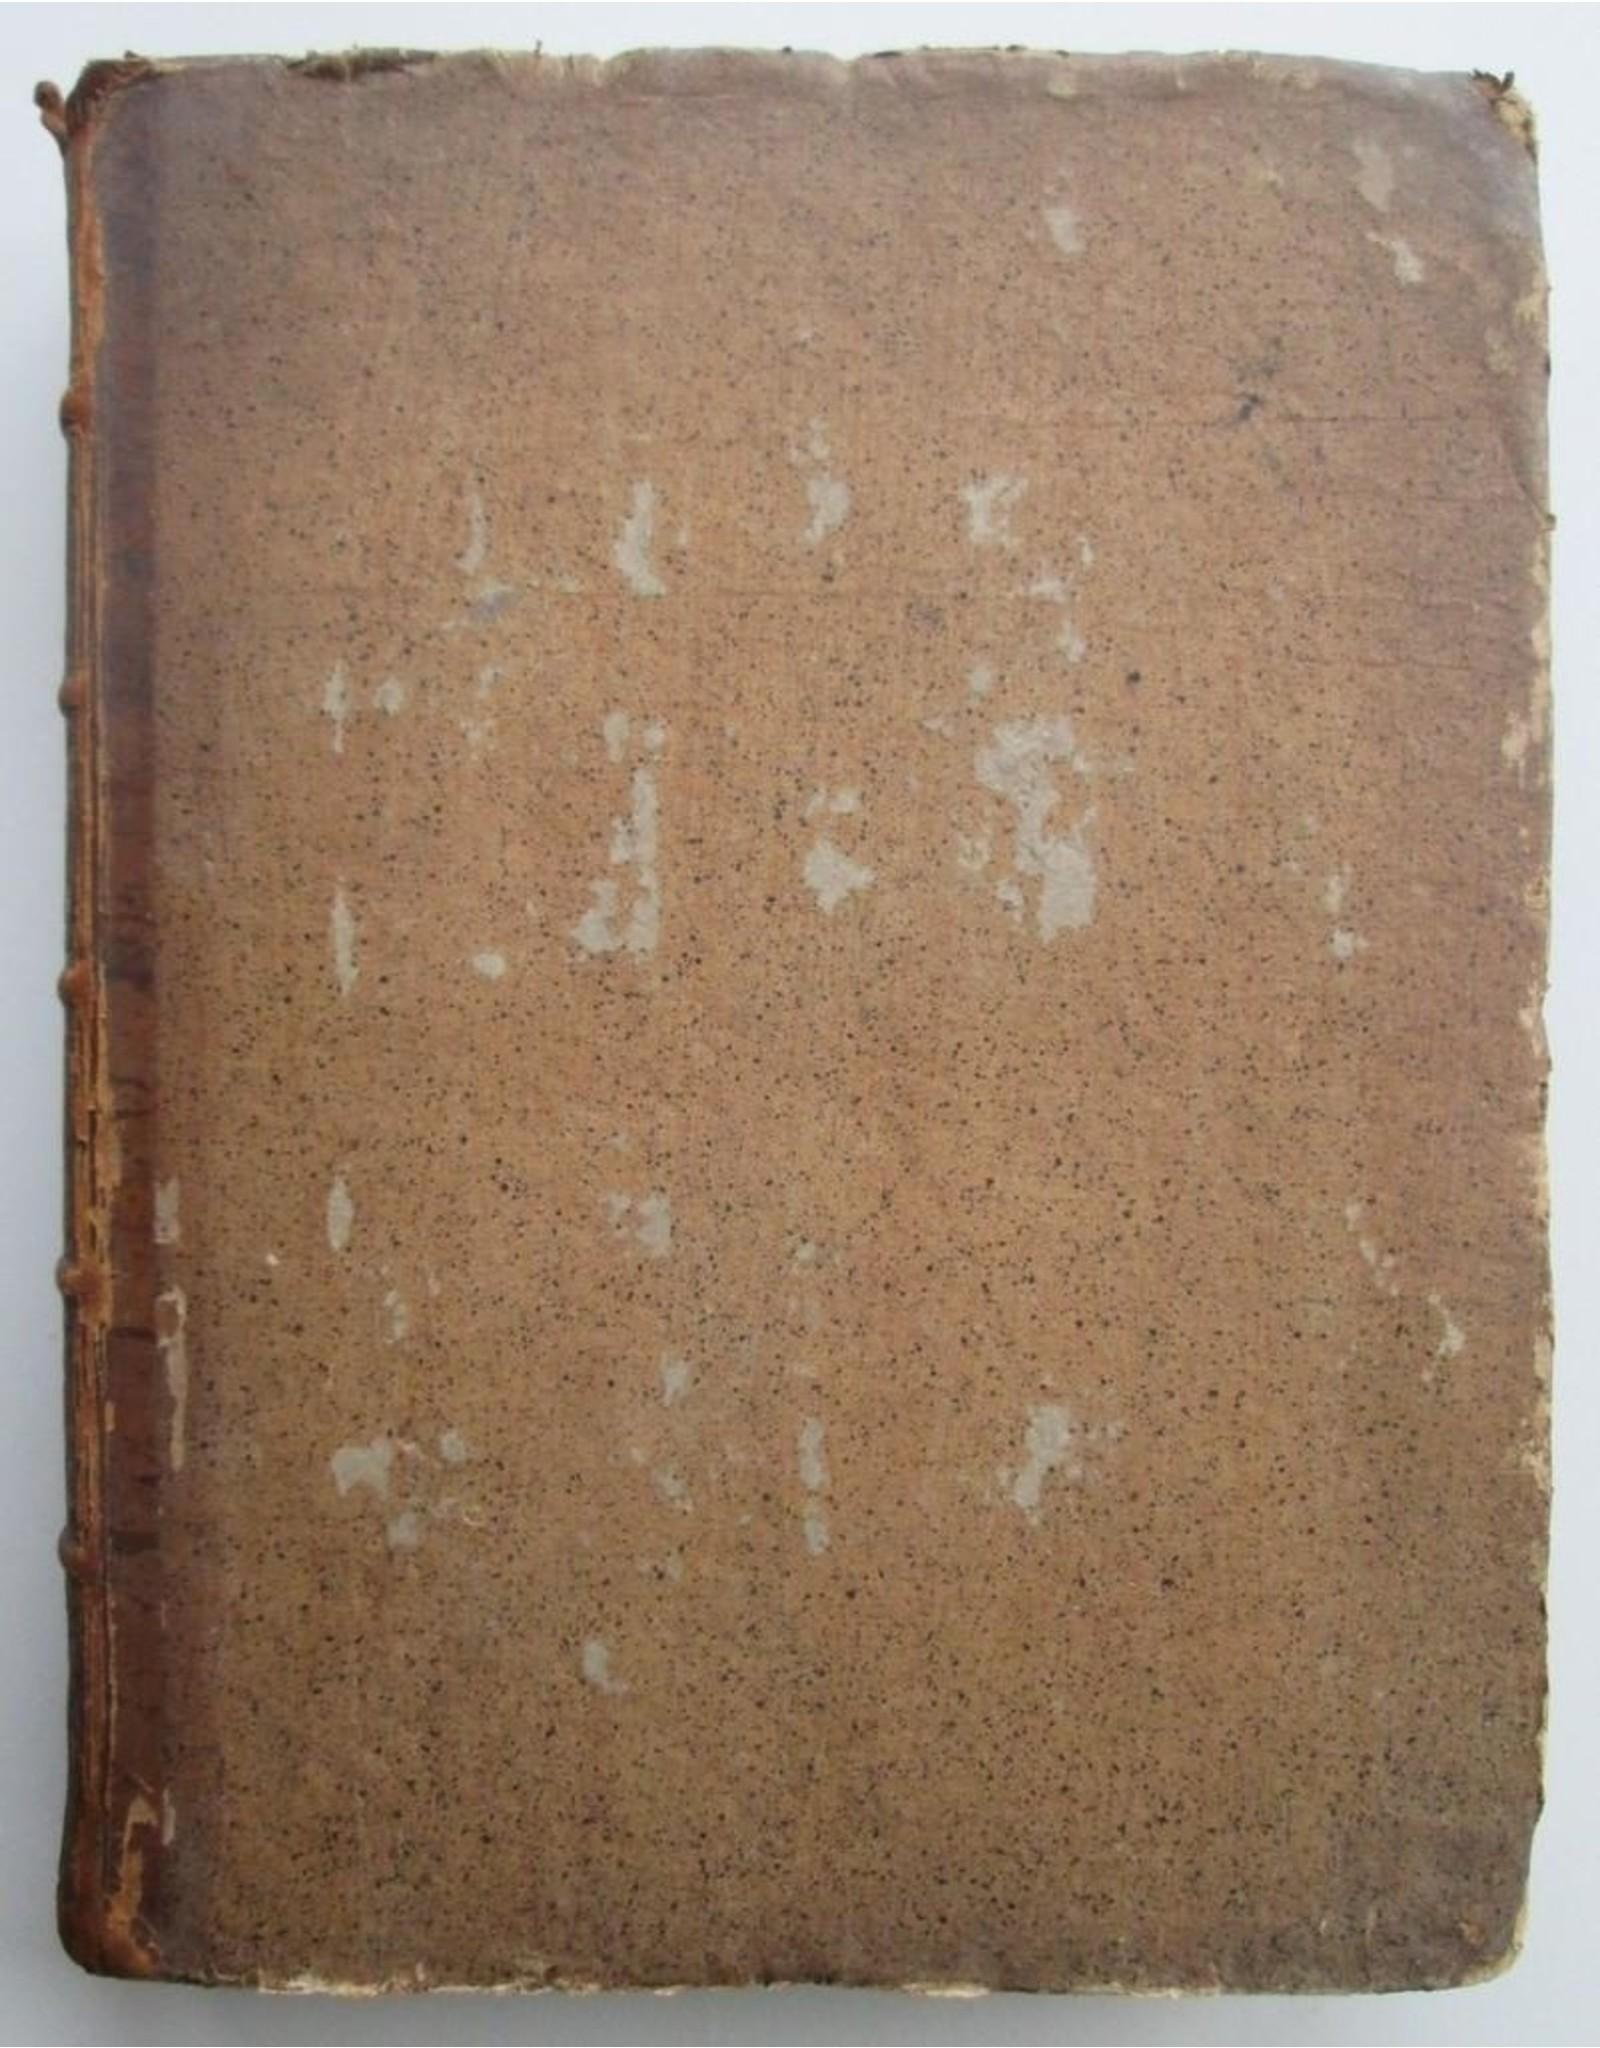 J. van Lier -  Verhandeling over de Slangen en Adders die in het Landschap Drenthe gevonden worden [...]